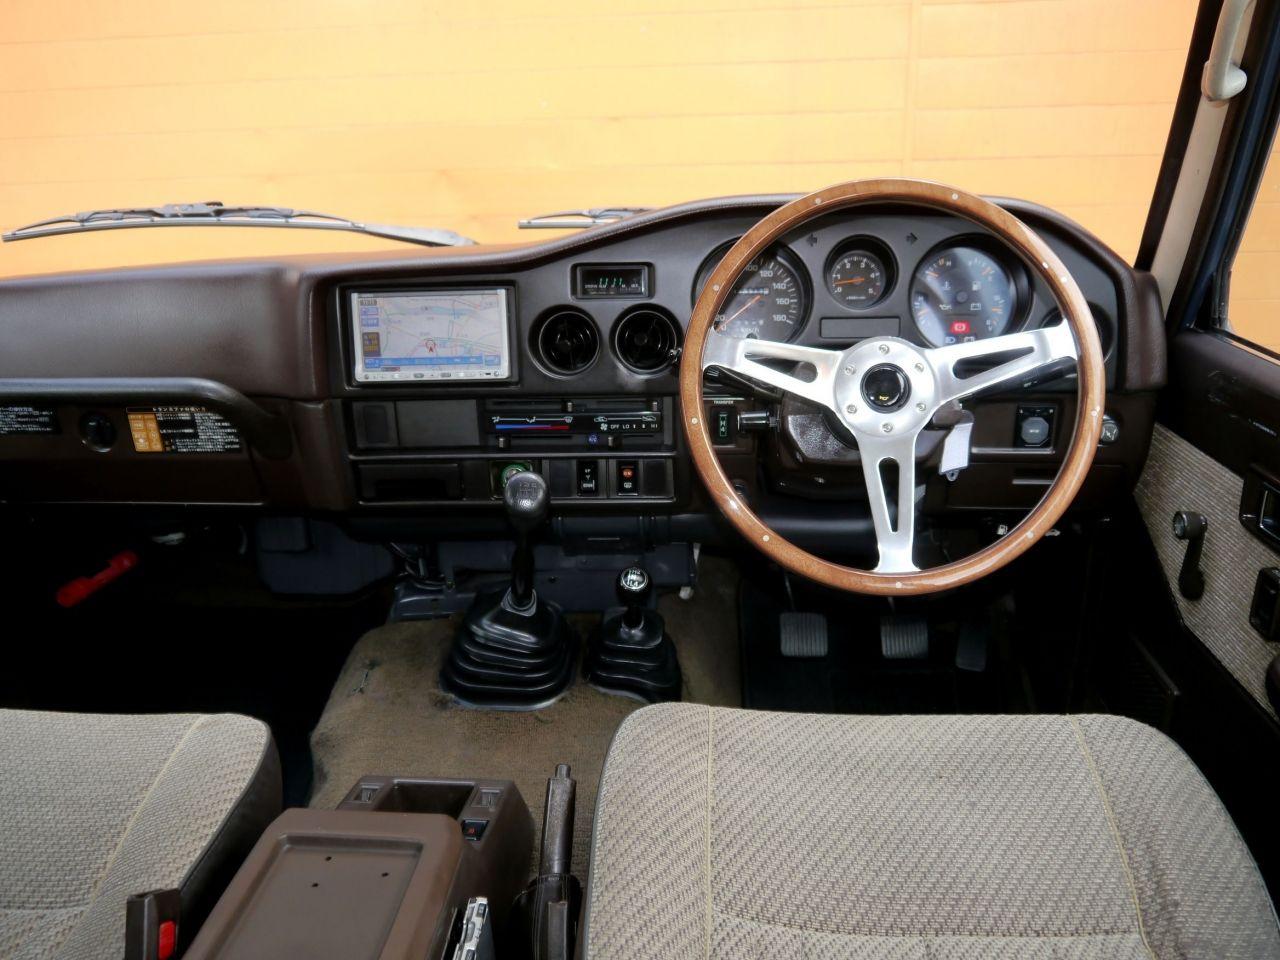 ランクル60 クラシックコンプリート 中古車 ランクル60 カスタムカー 車両